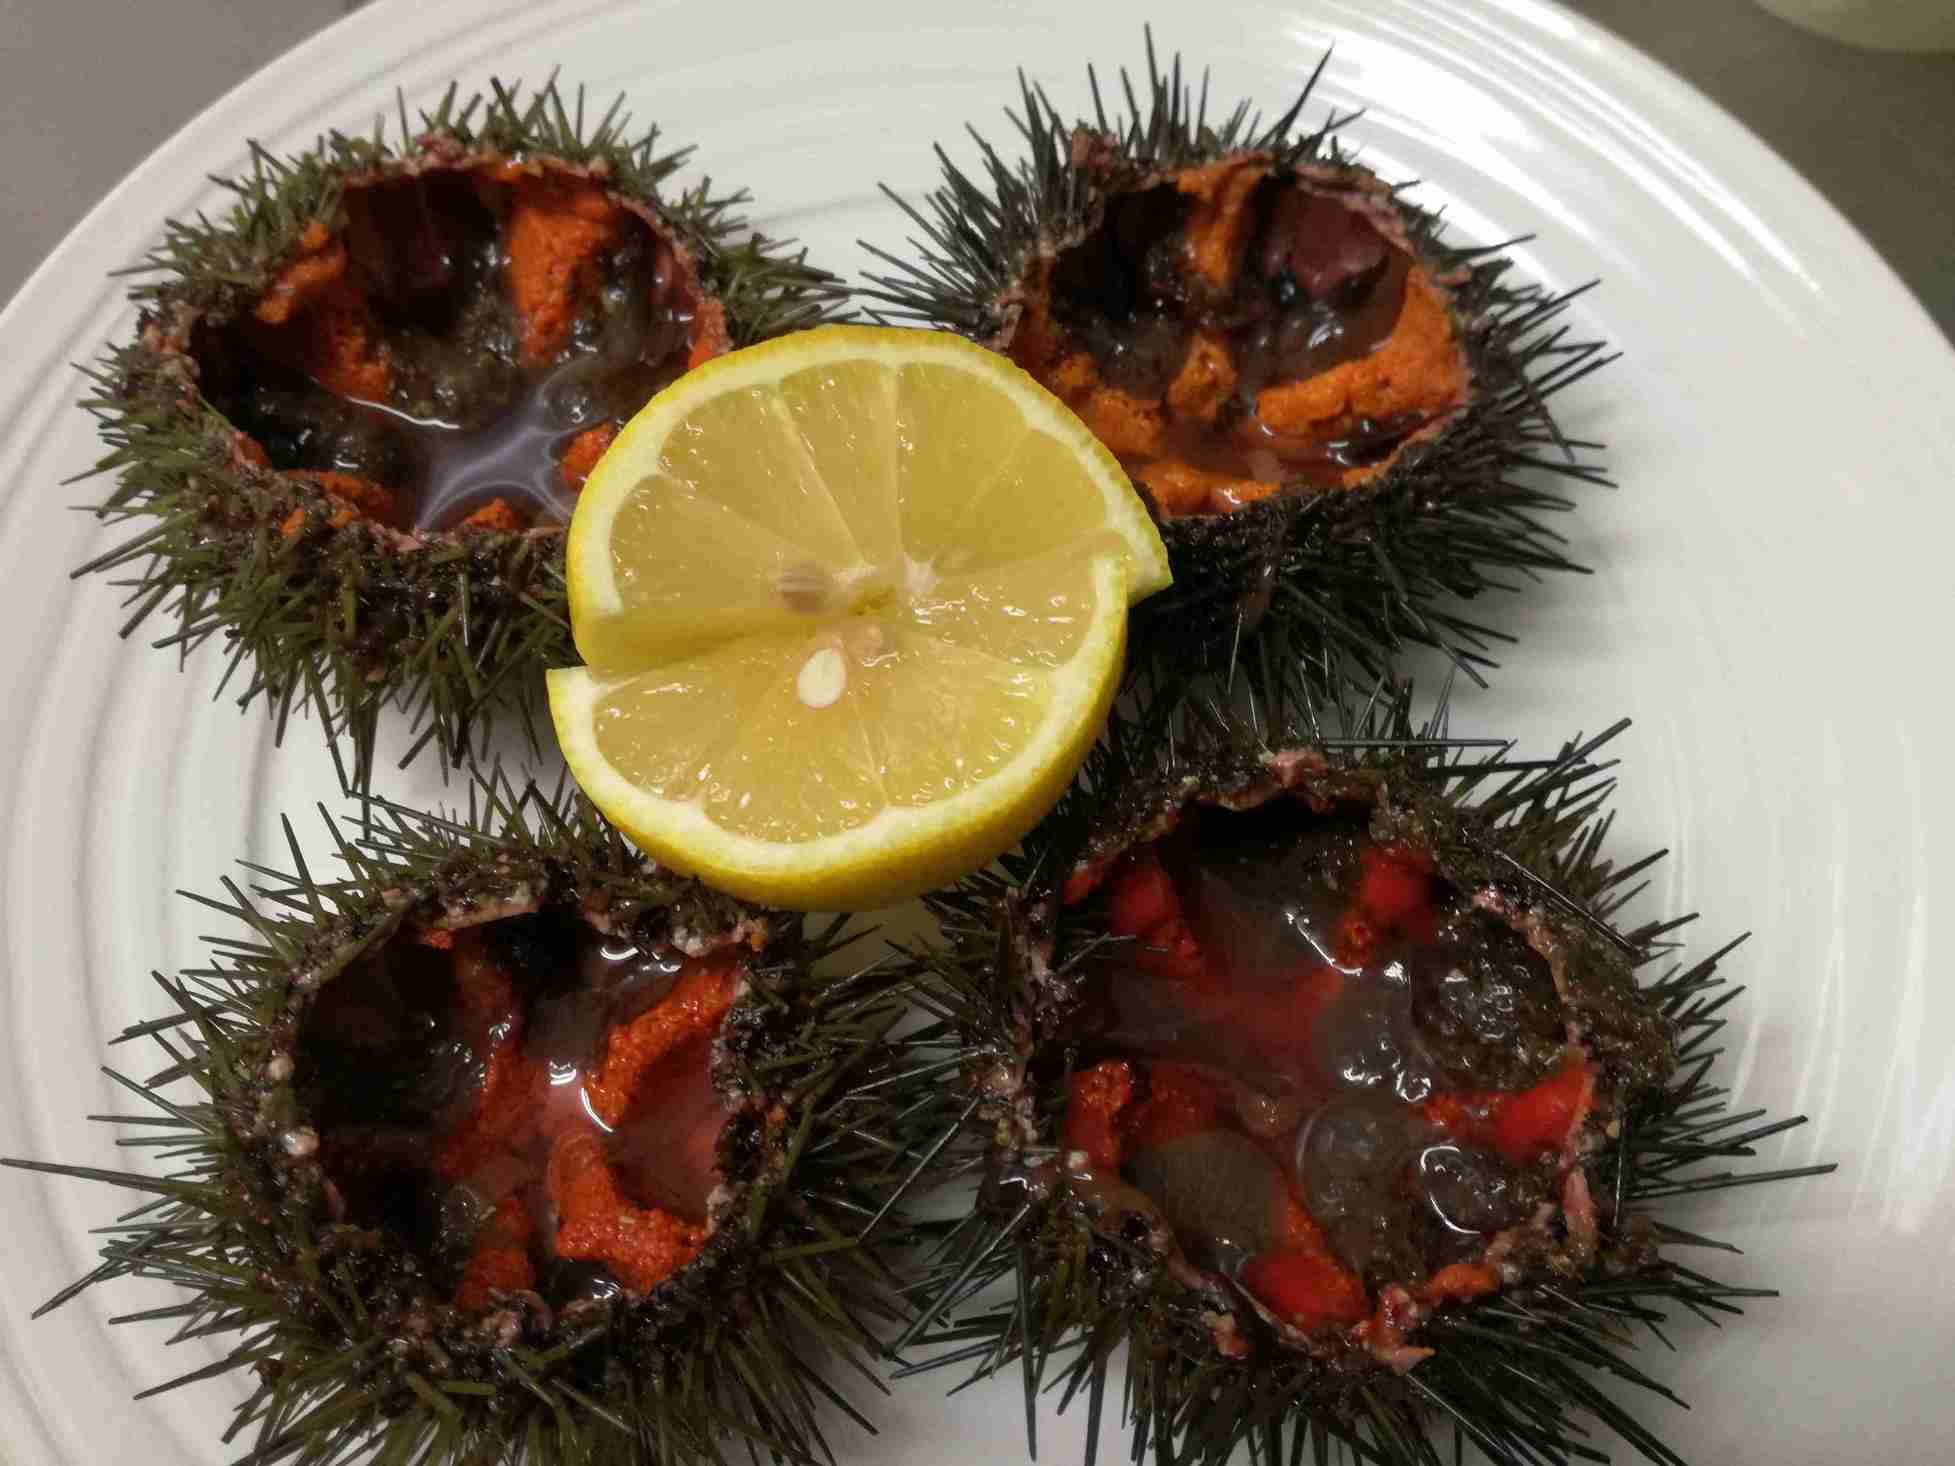 restaurante-marisqueria-valencia-islas-canarias-puerto-ciudad-artes-ciencias-erizo-mar